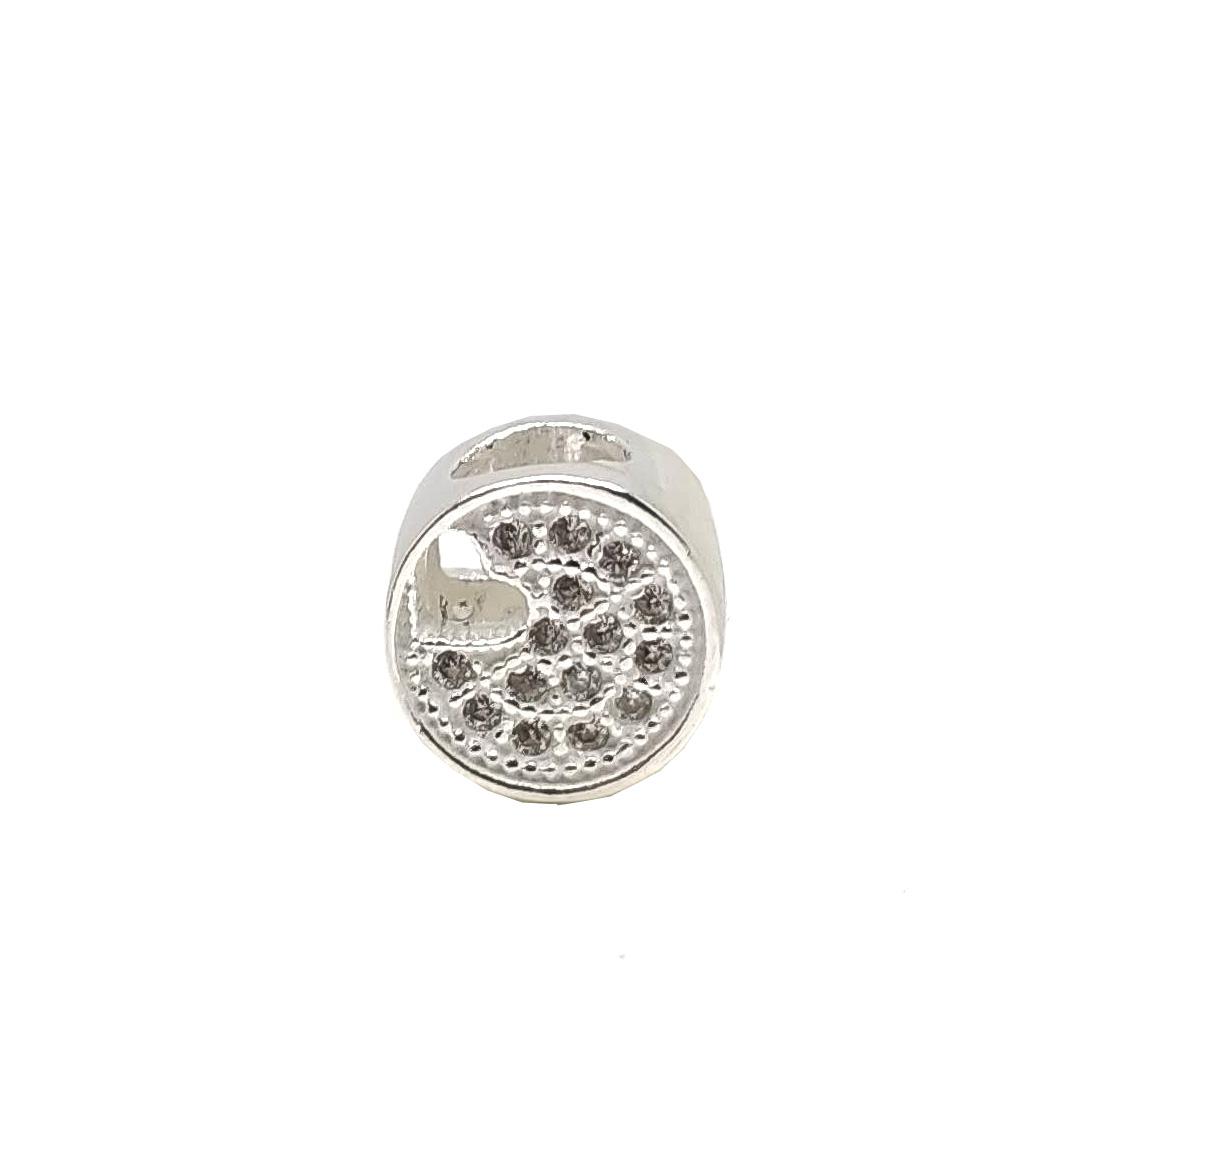 Berloque separador coração vazado em prata 925 cravejado com pedras de zircônia